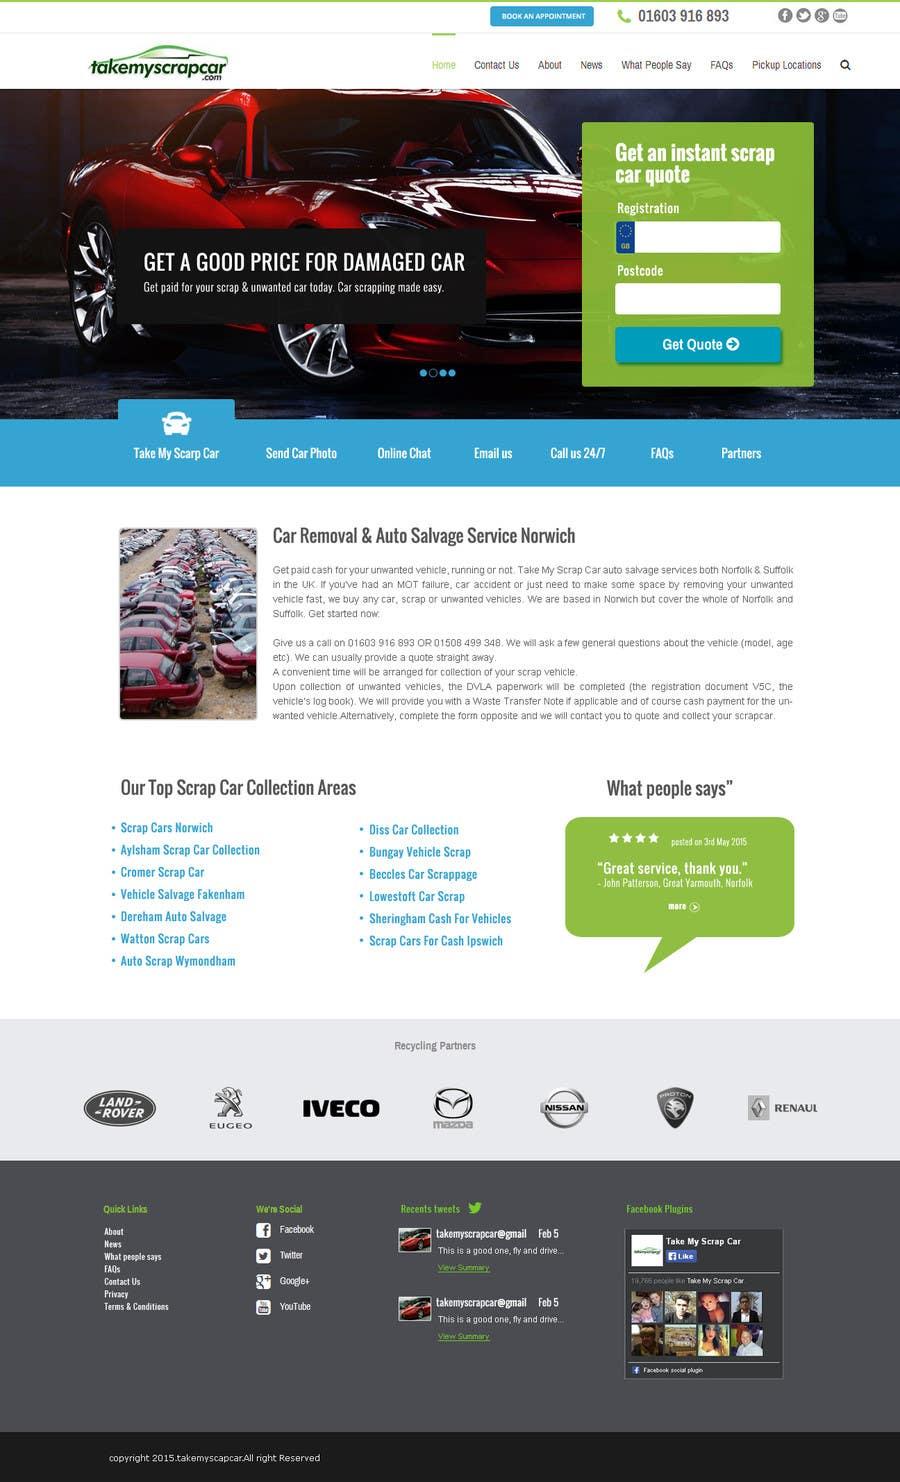 Konkurrenceindlæg #70 for Design a Website Mockup for www.takemyscrapcar.com